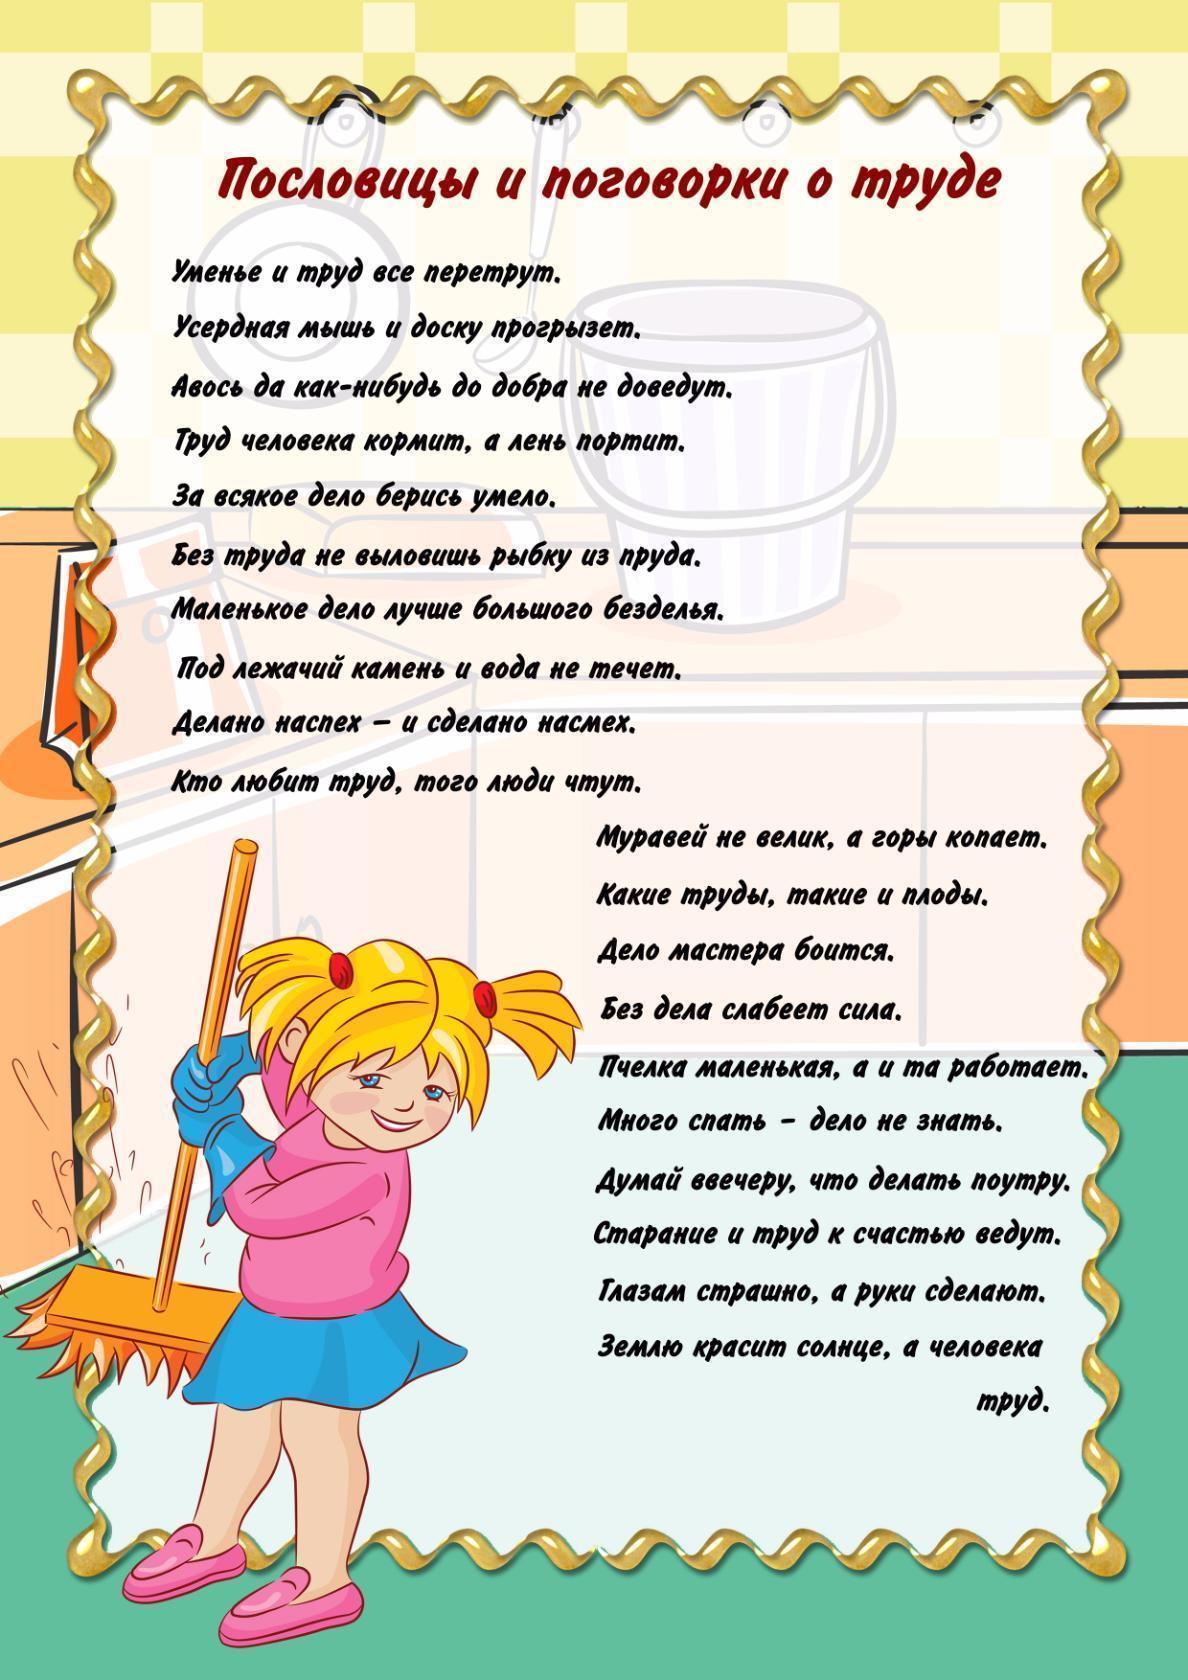 Пословицы и поговорки загадки и стихи о семье